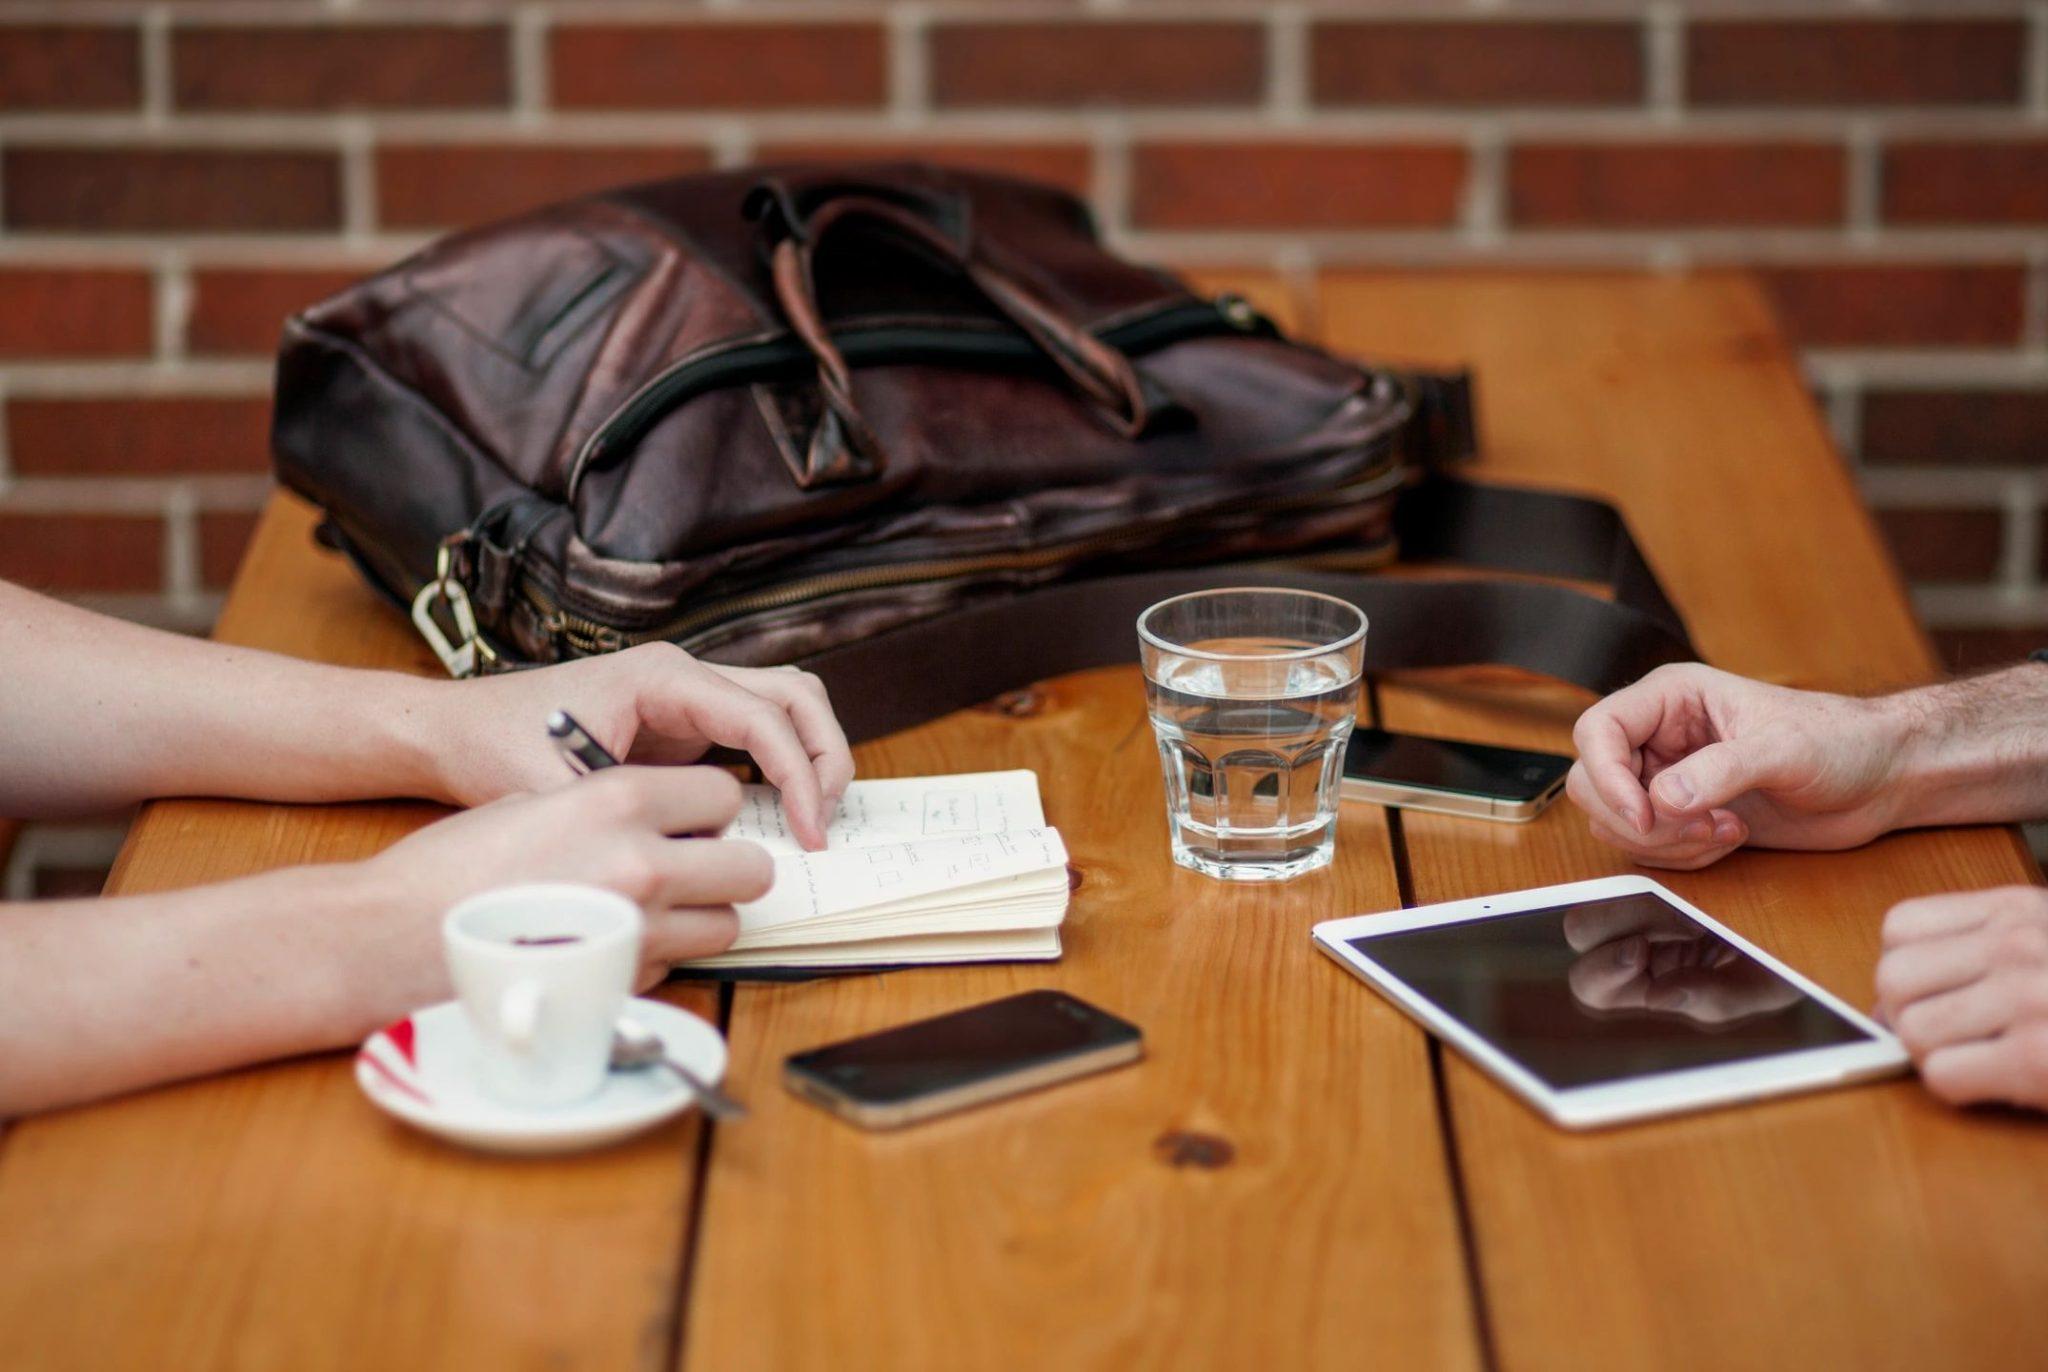 servicios de outsoursing para restaurantes / hoteles